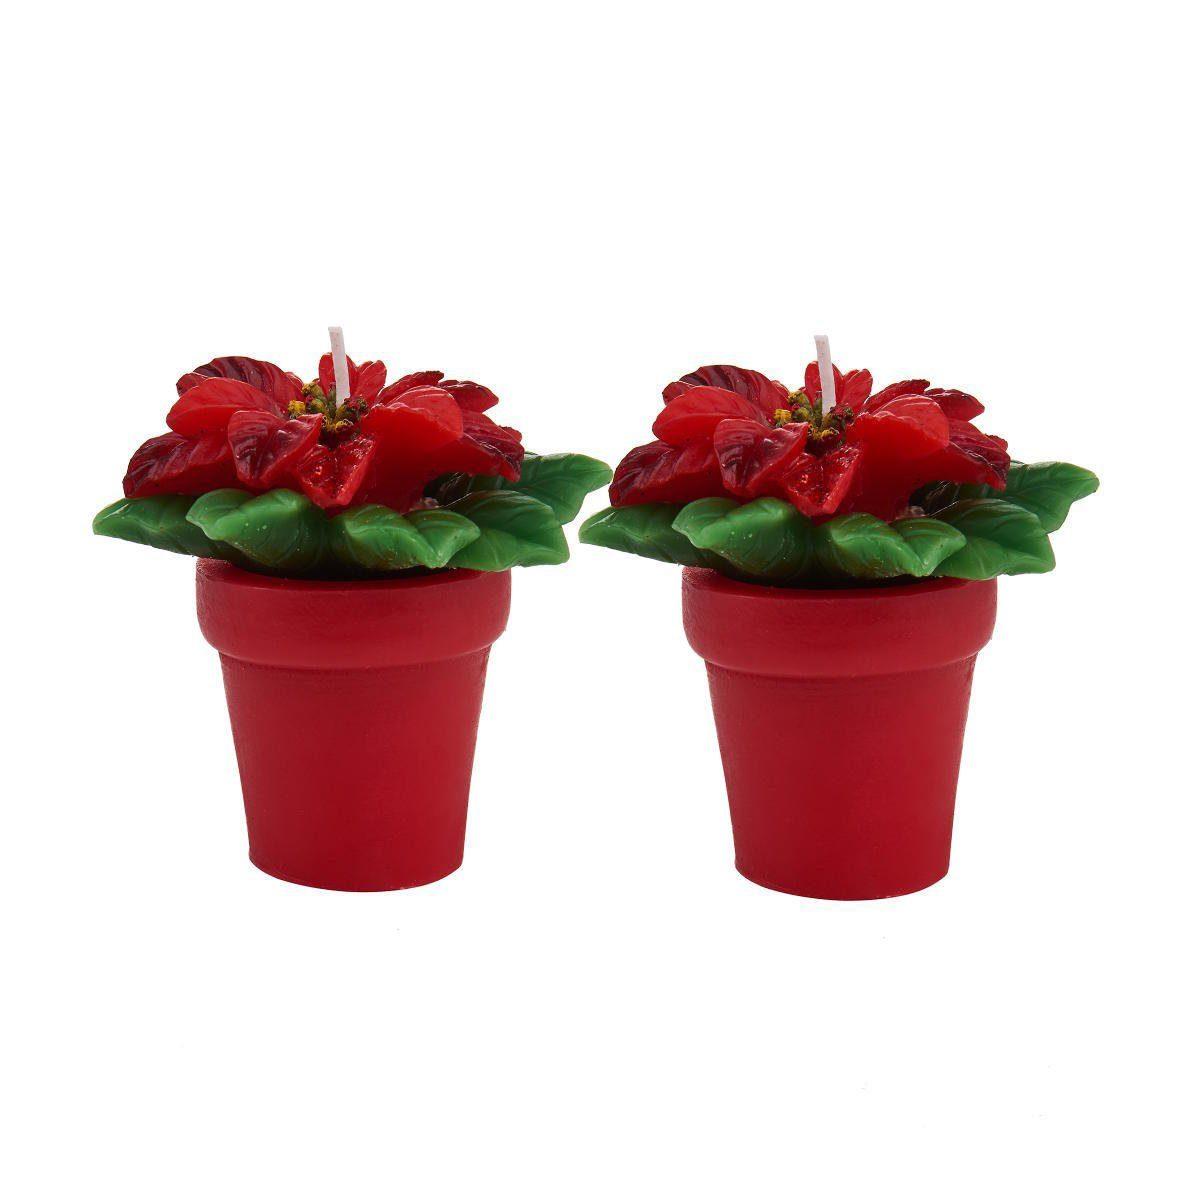 BUTLERS MERRY AND BRIGHT »Teelichter Weihnachtsstern 2er-Set«